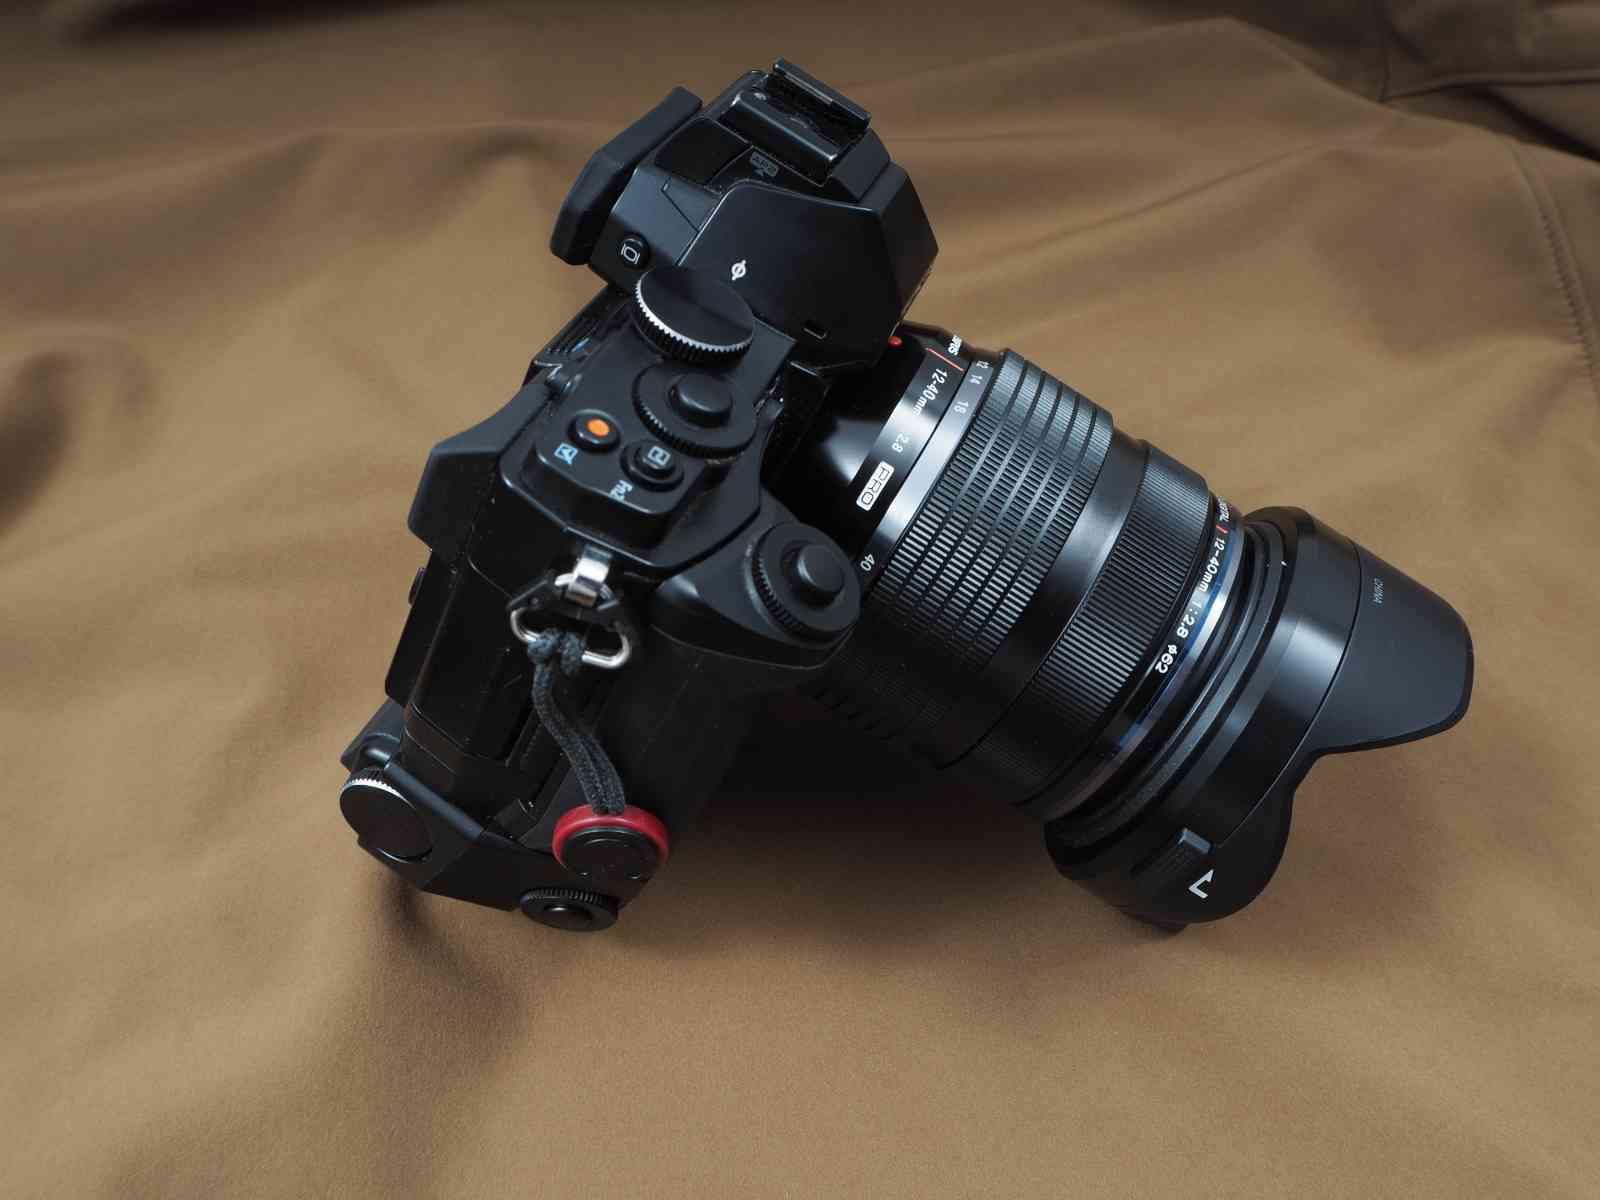 Olympus M.Zuiko Digital ED 12-40 mm 1:2,8 - Handliche Profi-Ausrüstung